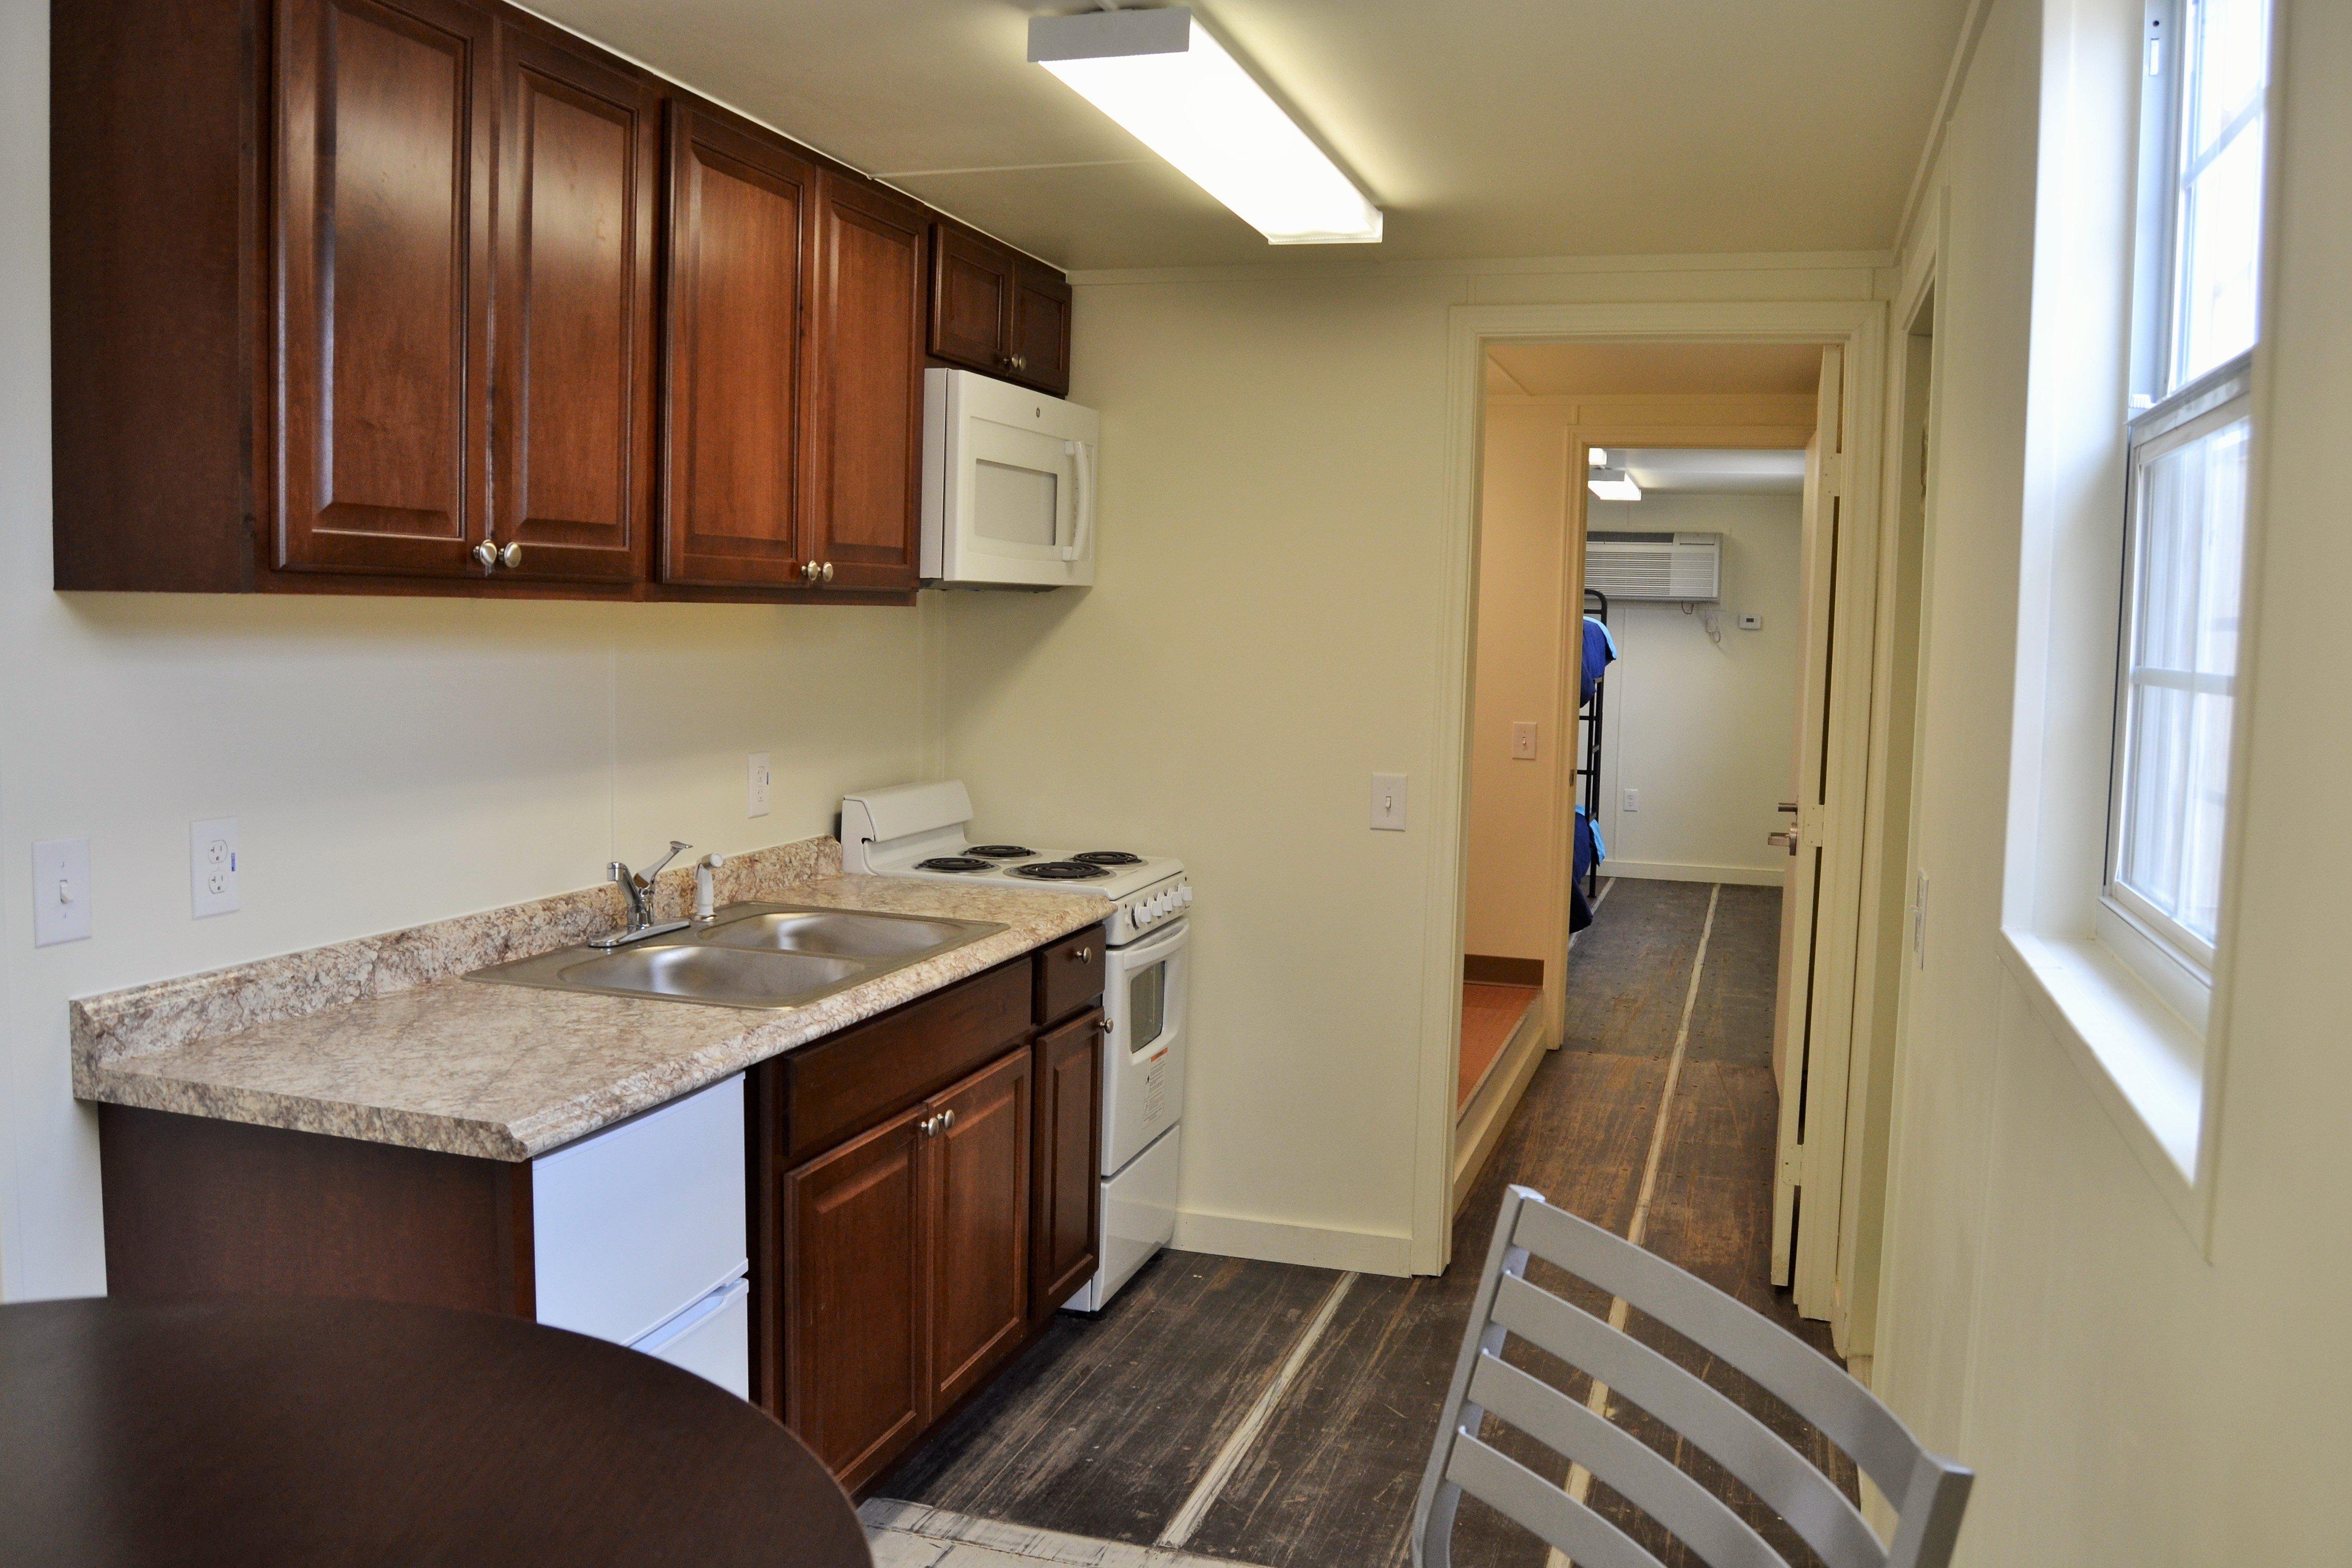 Conex-housing-kitchen